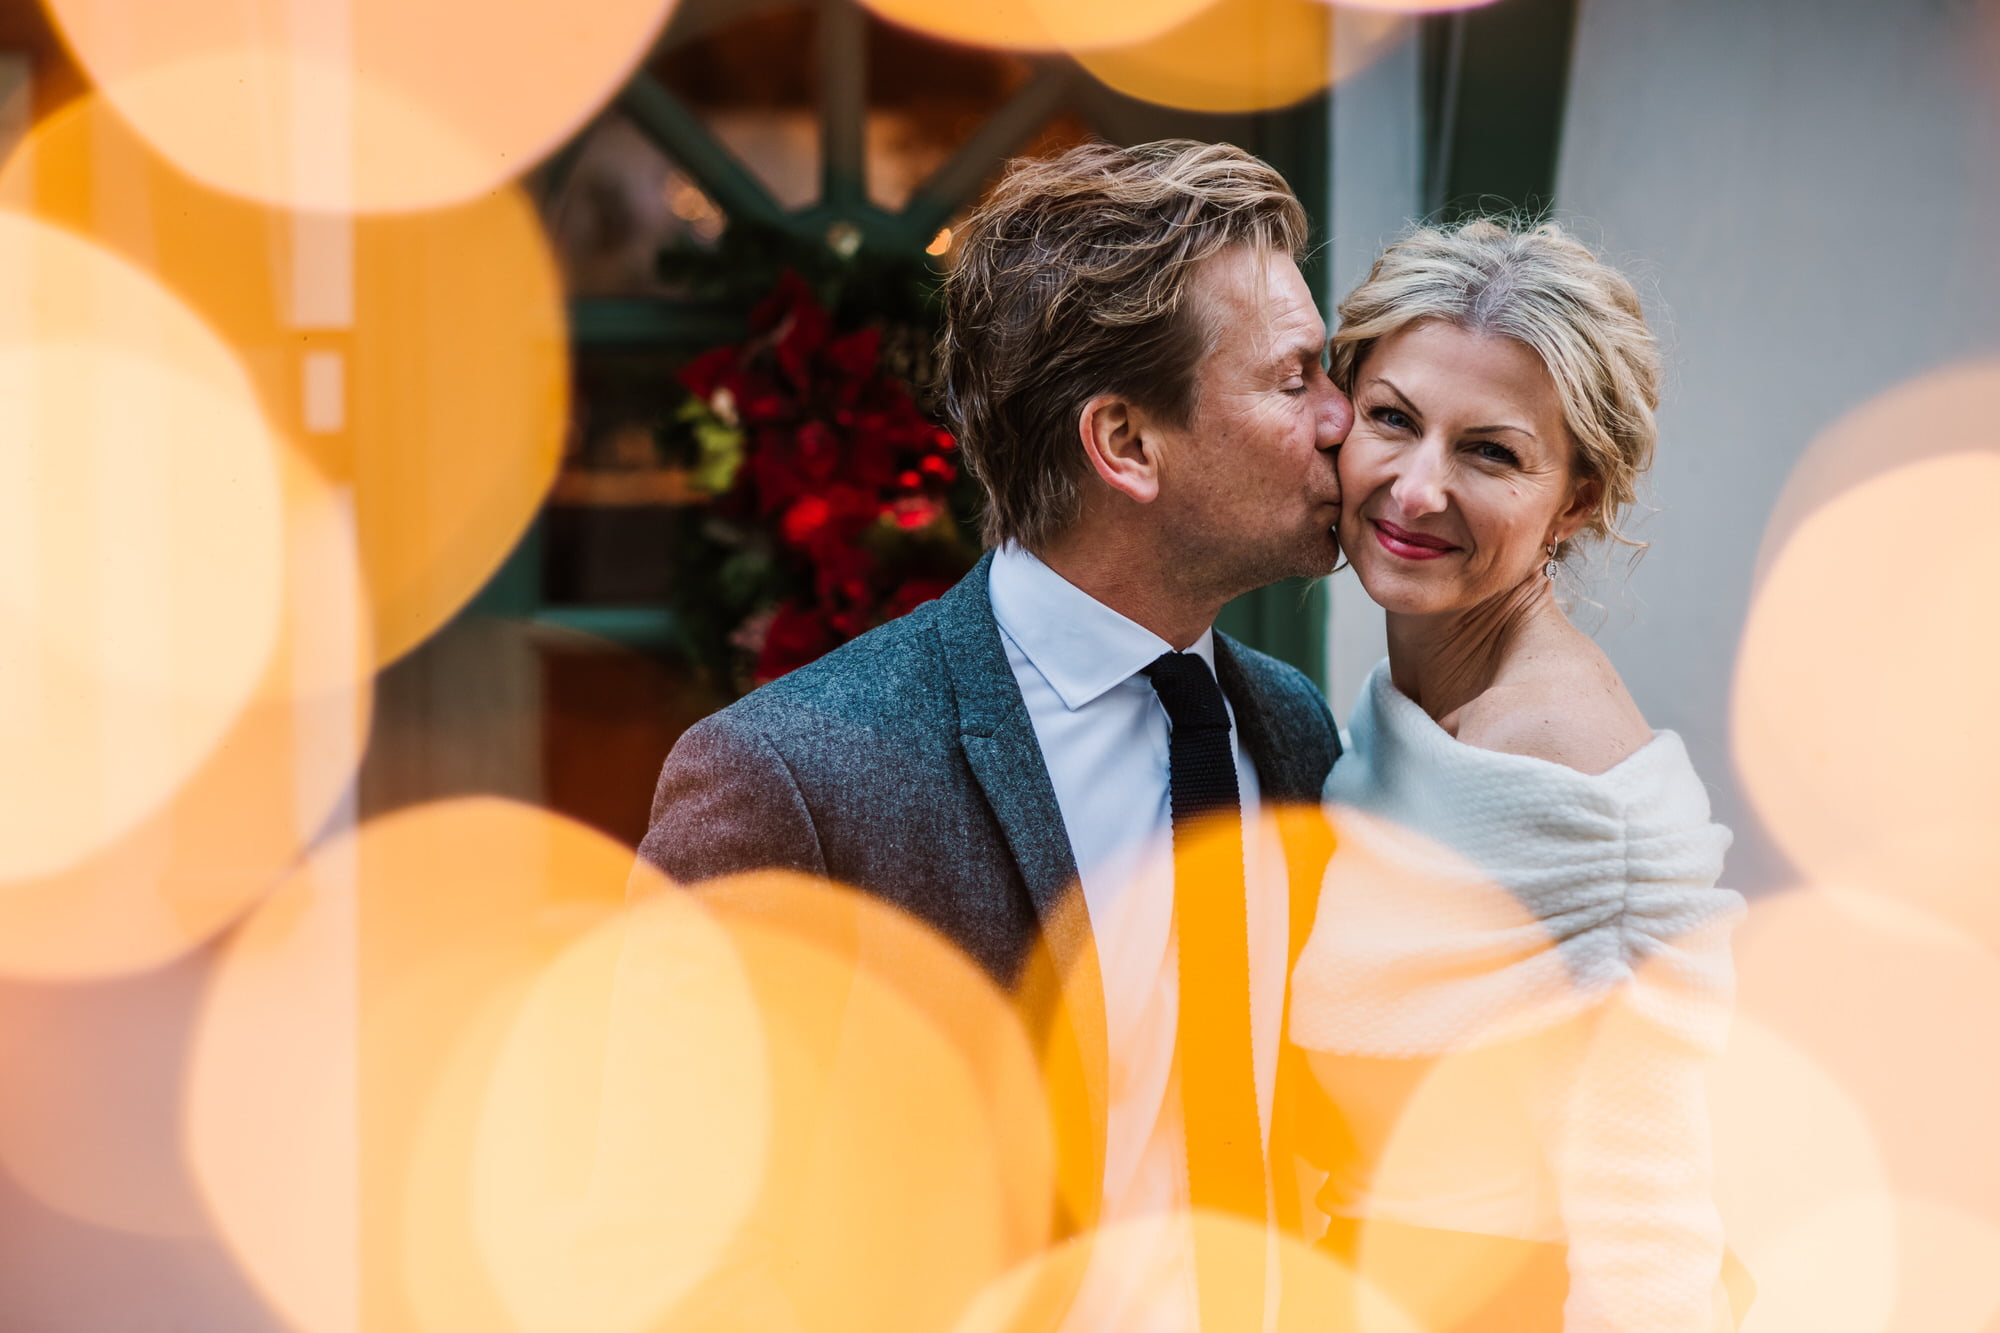 Hampshire Photographer at Festive Wedding